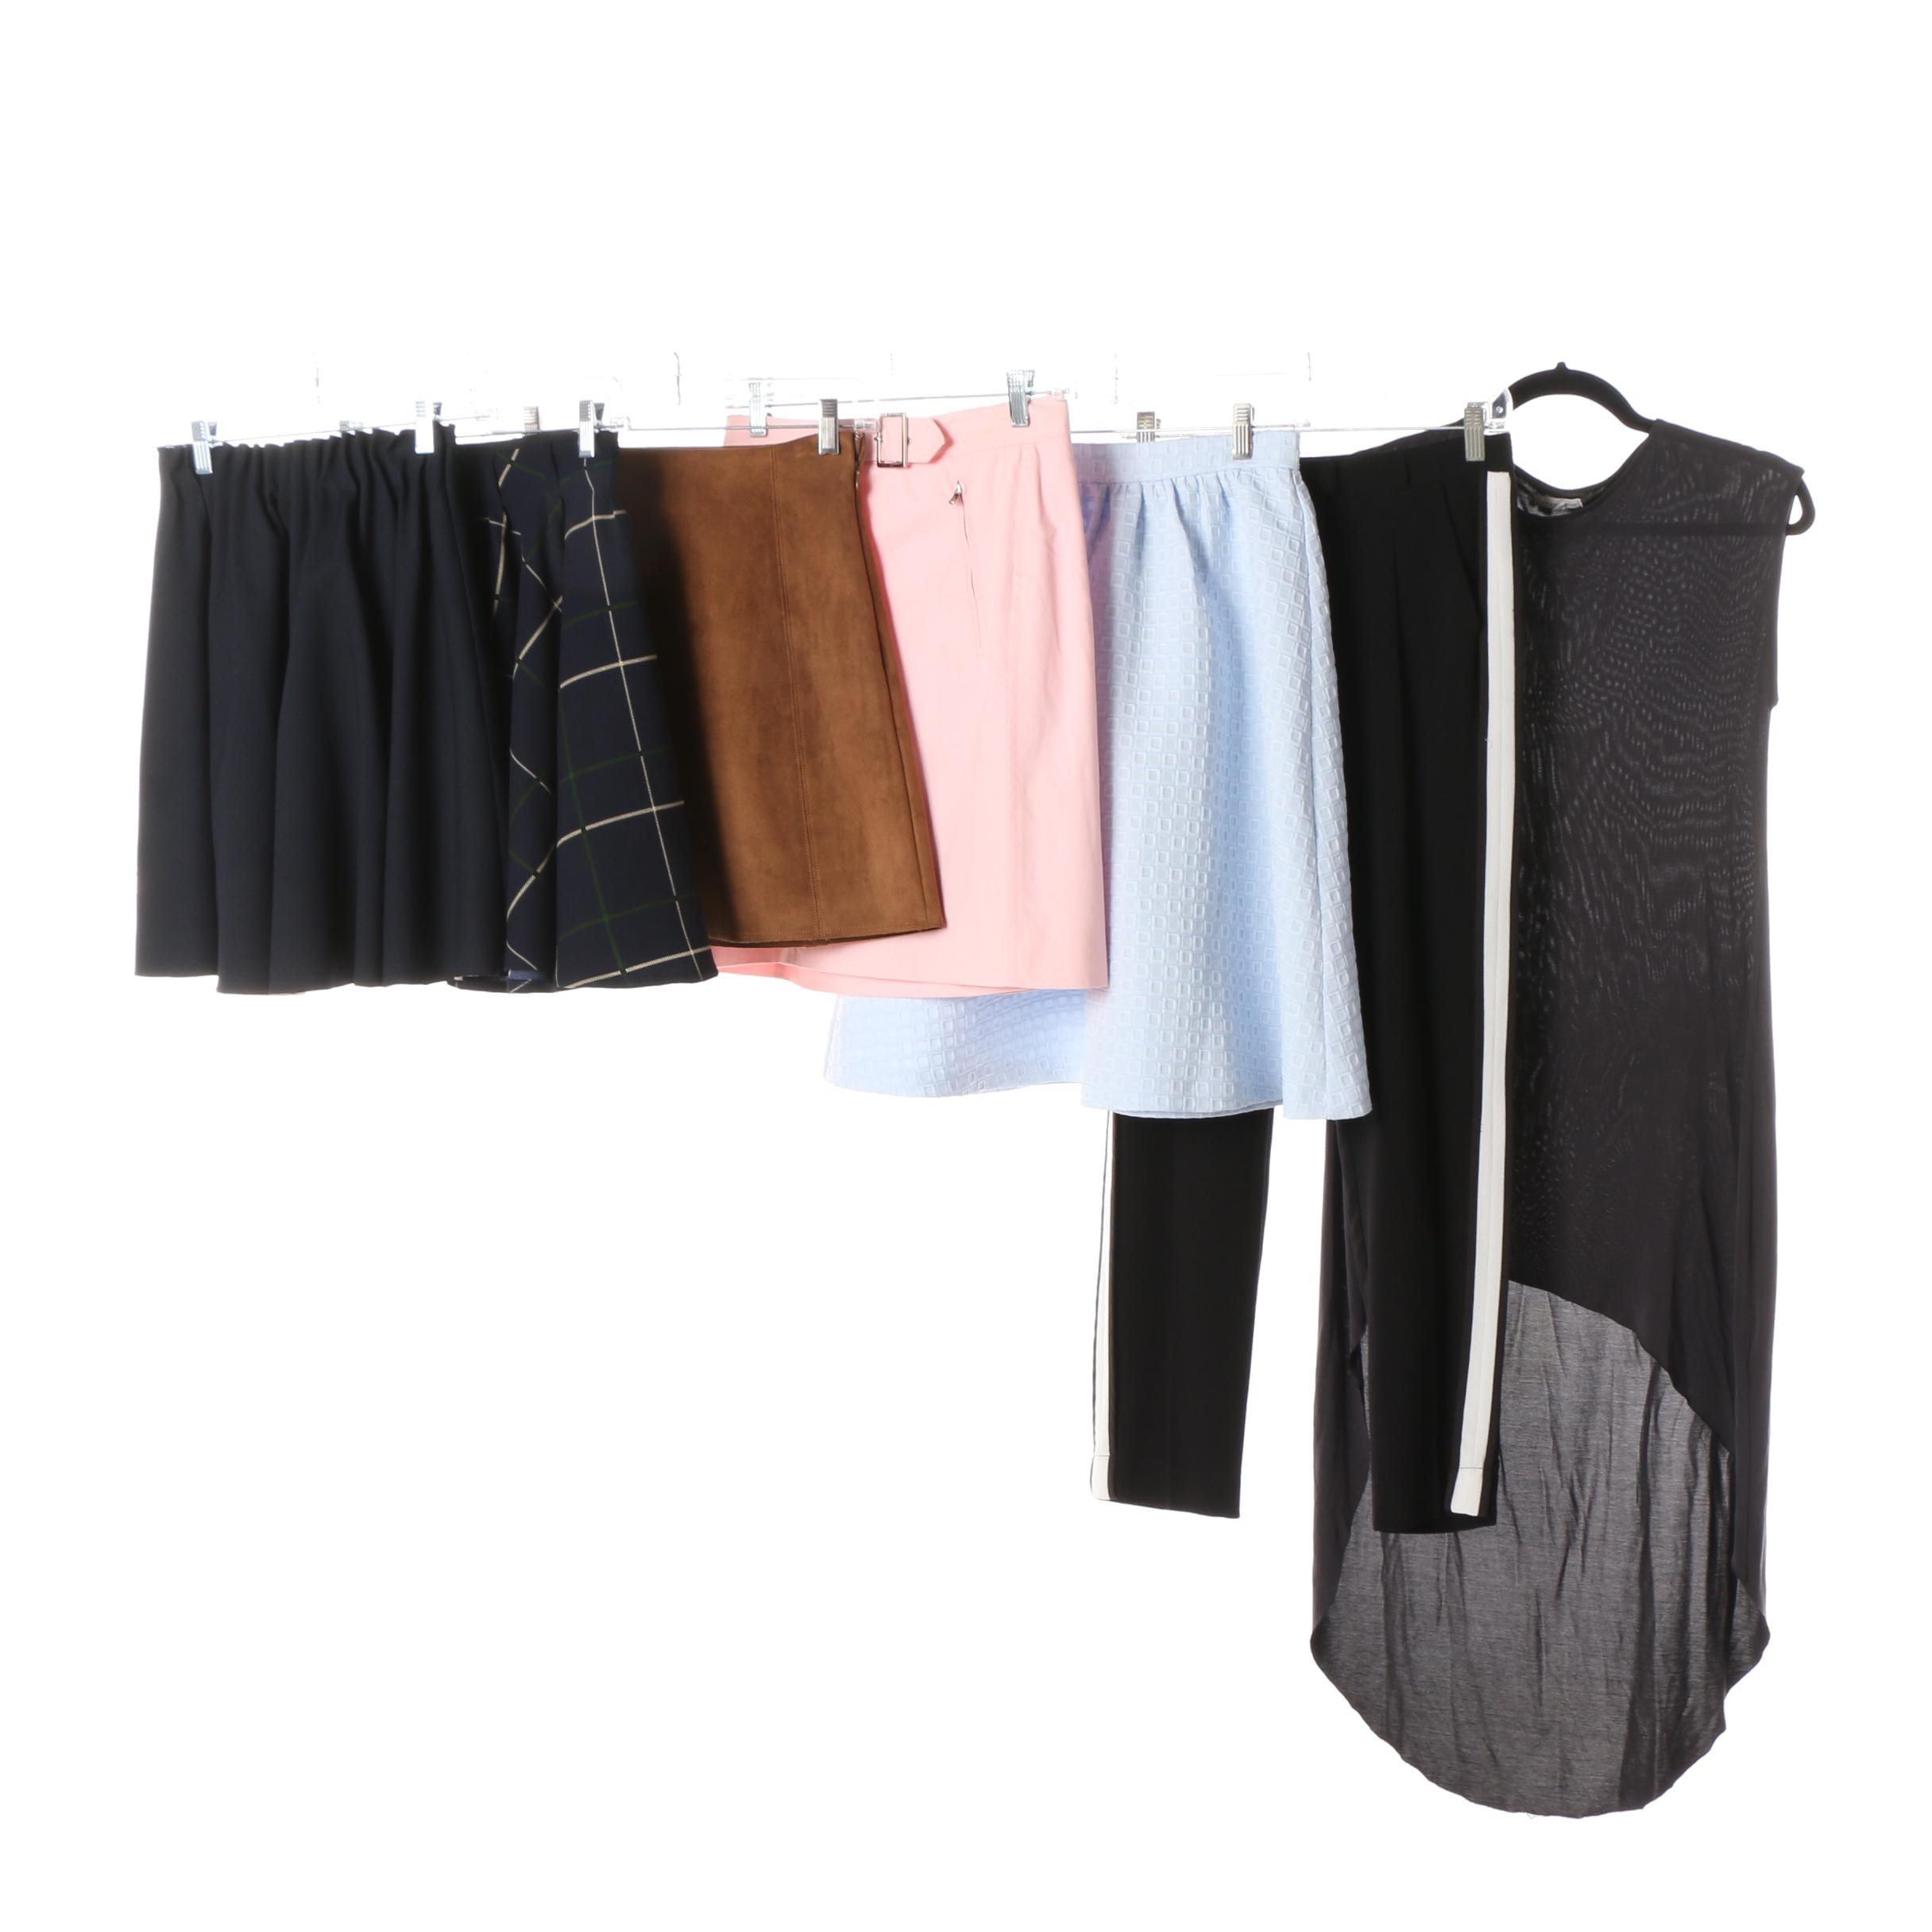 Topshop, TSE, Zara Basics, Silence + Noise, and Babaton Women's Clothing